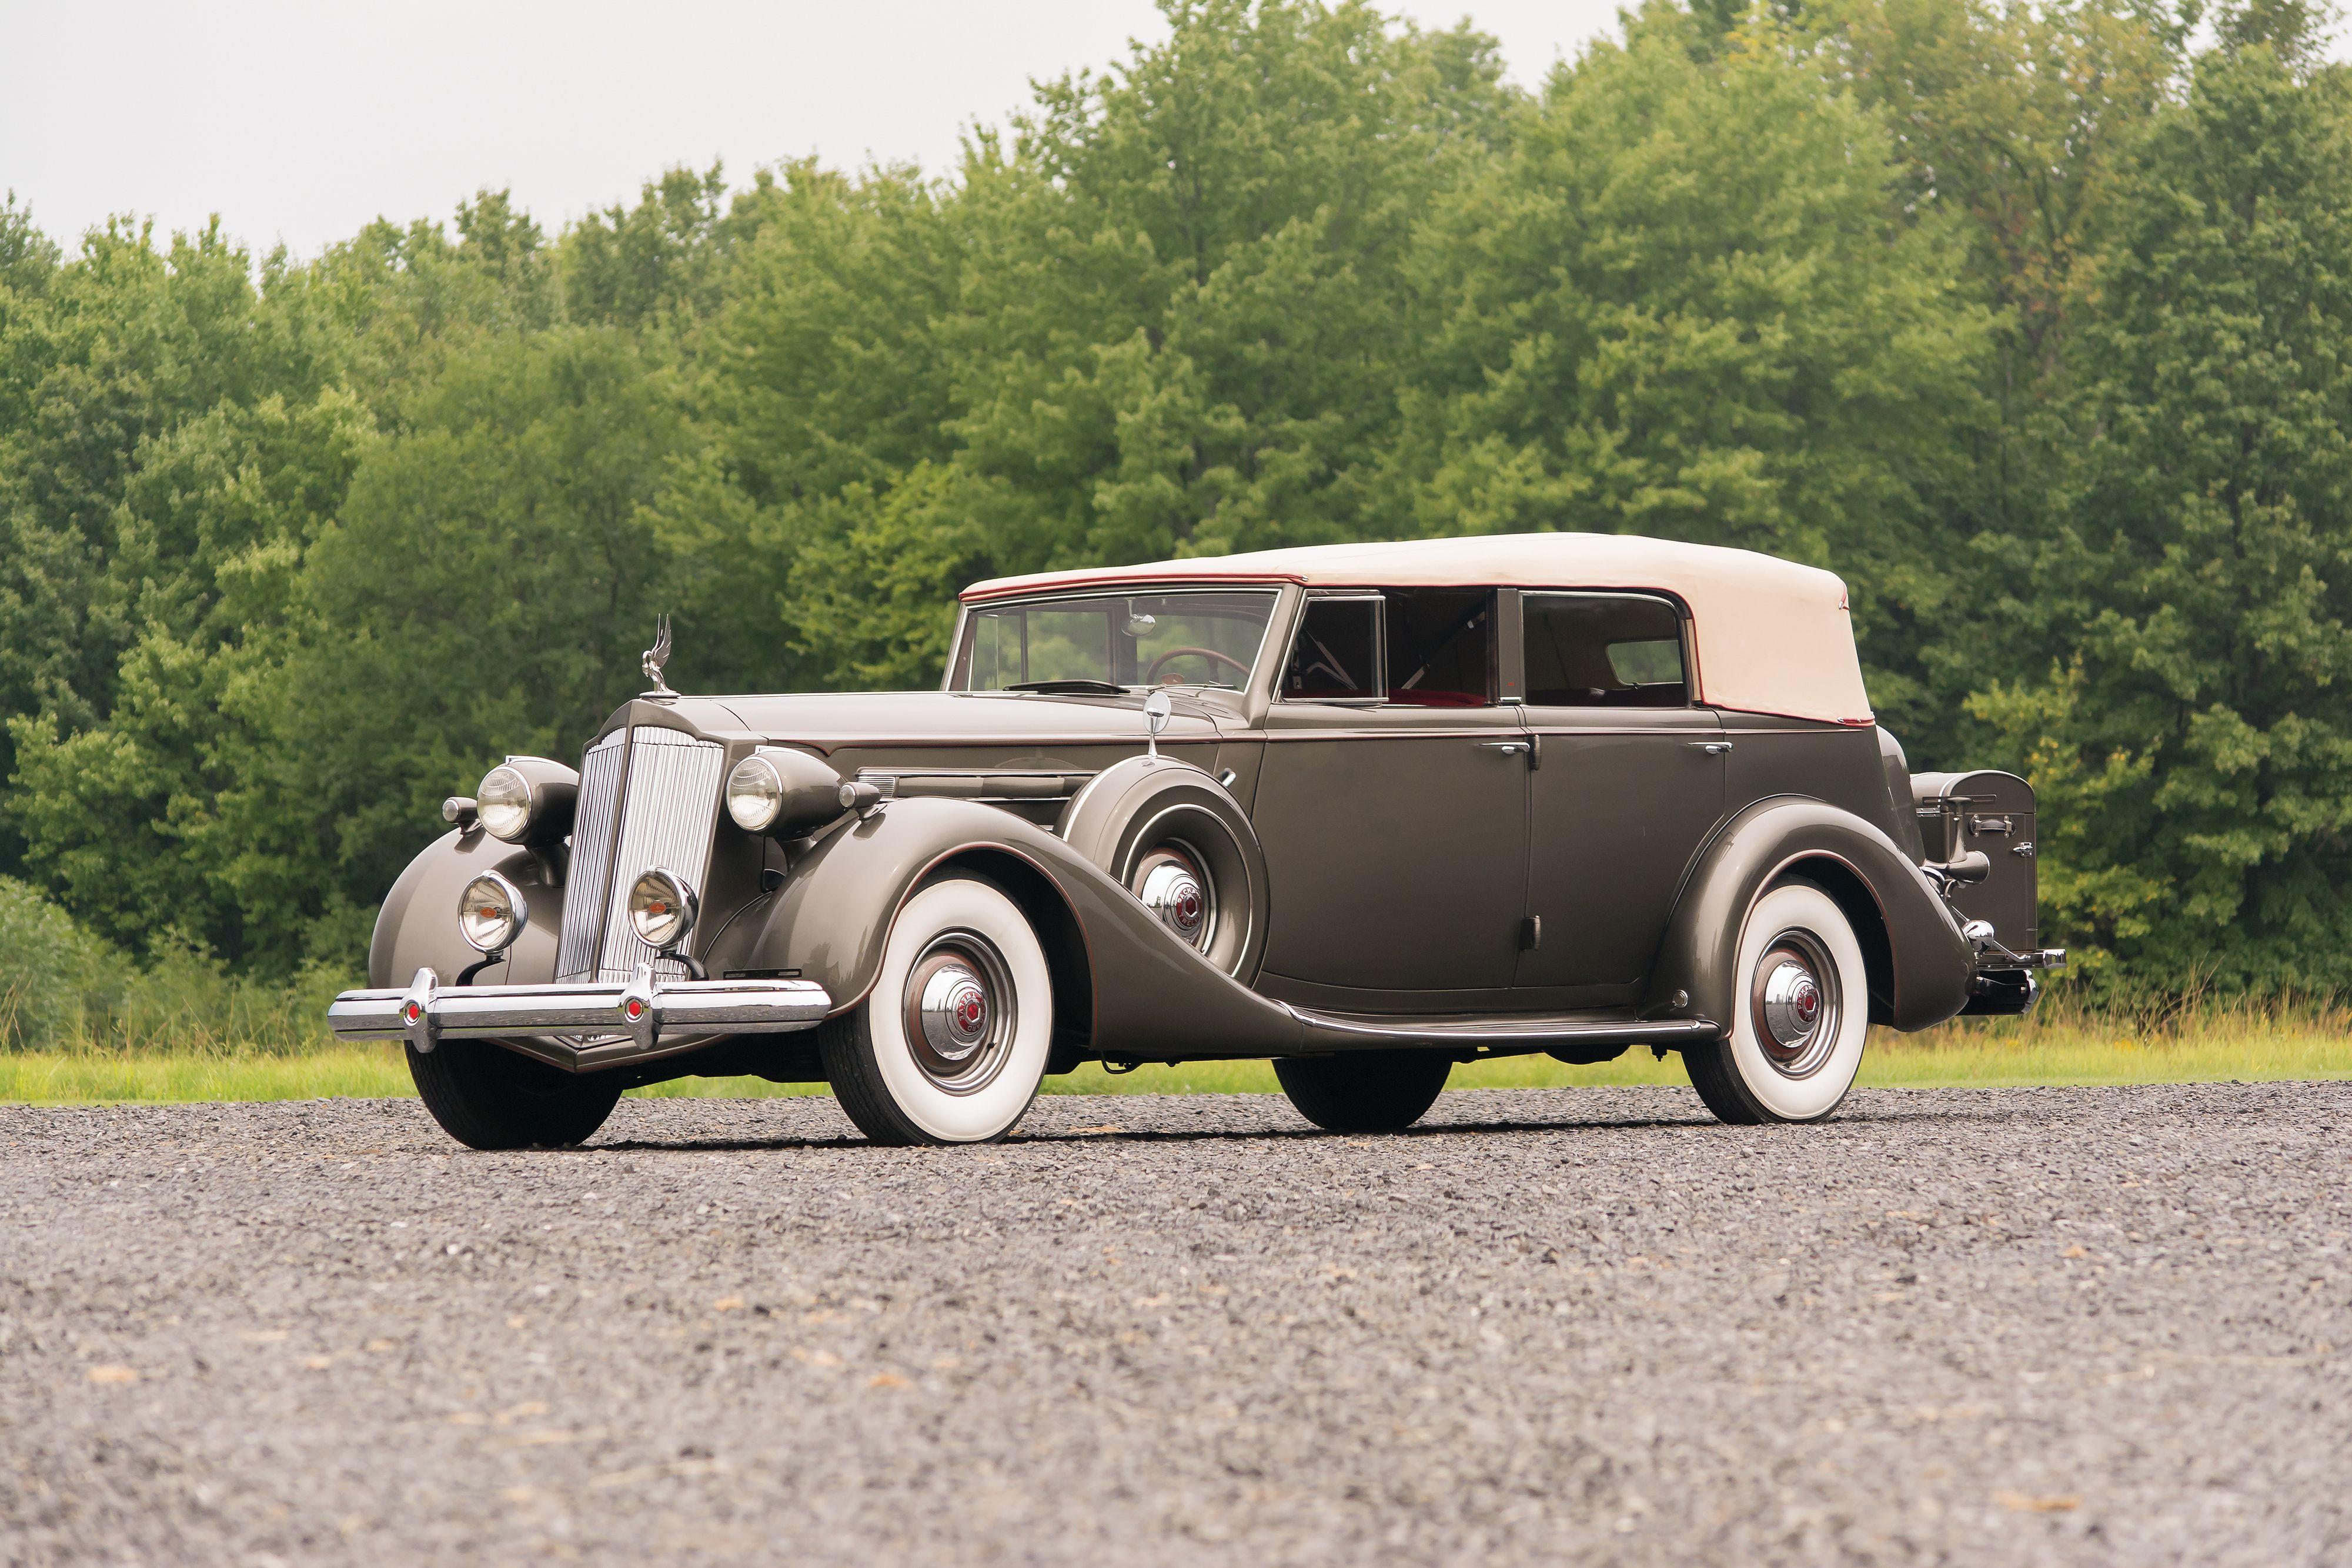 1937 Packard Twelve Convertible Sedan by Dietrich (1508-1073)